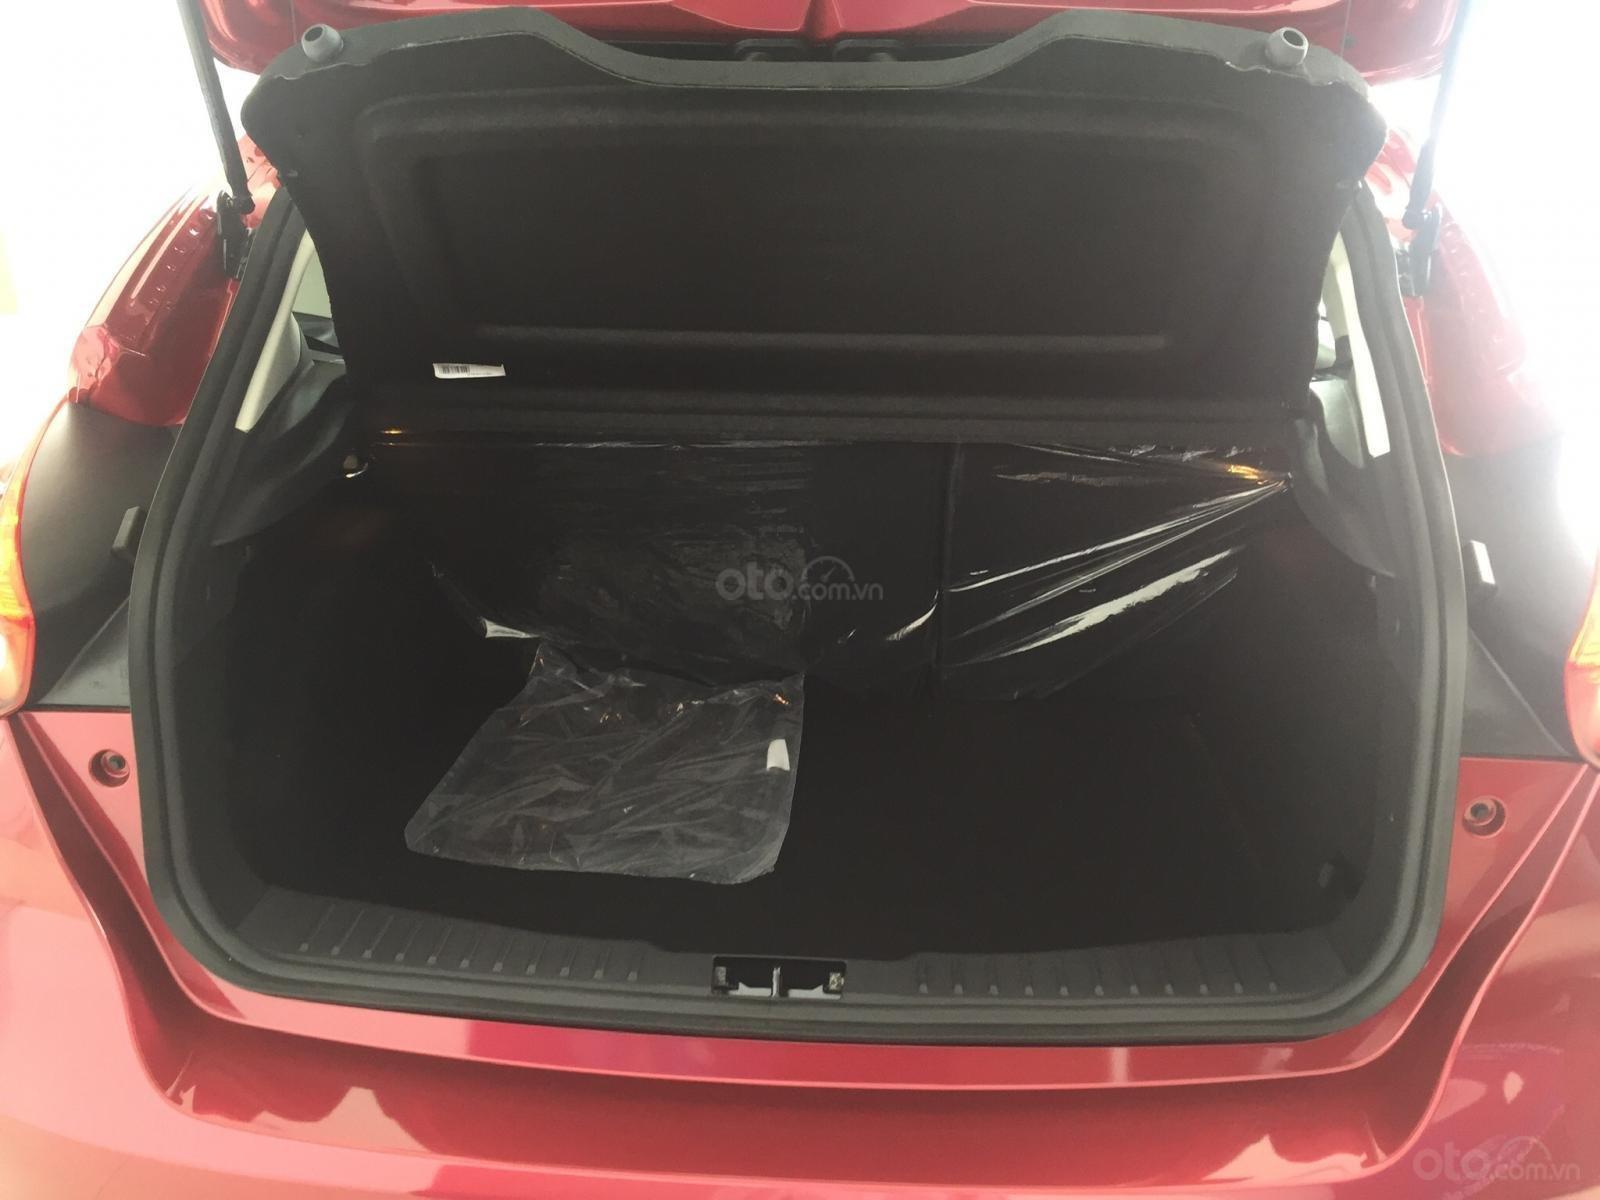 Bán xe Ford Focus năm sản xuất 2019, màu bạc, nhập khẩu, giá 199tr-9